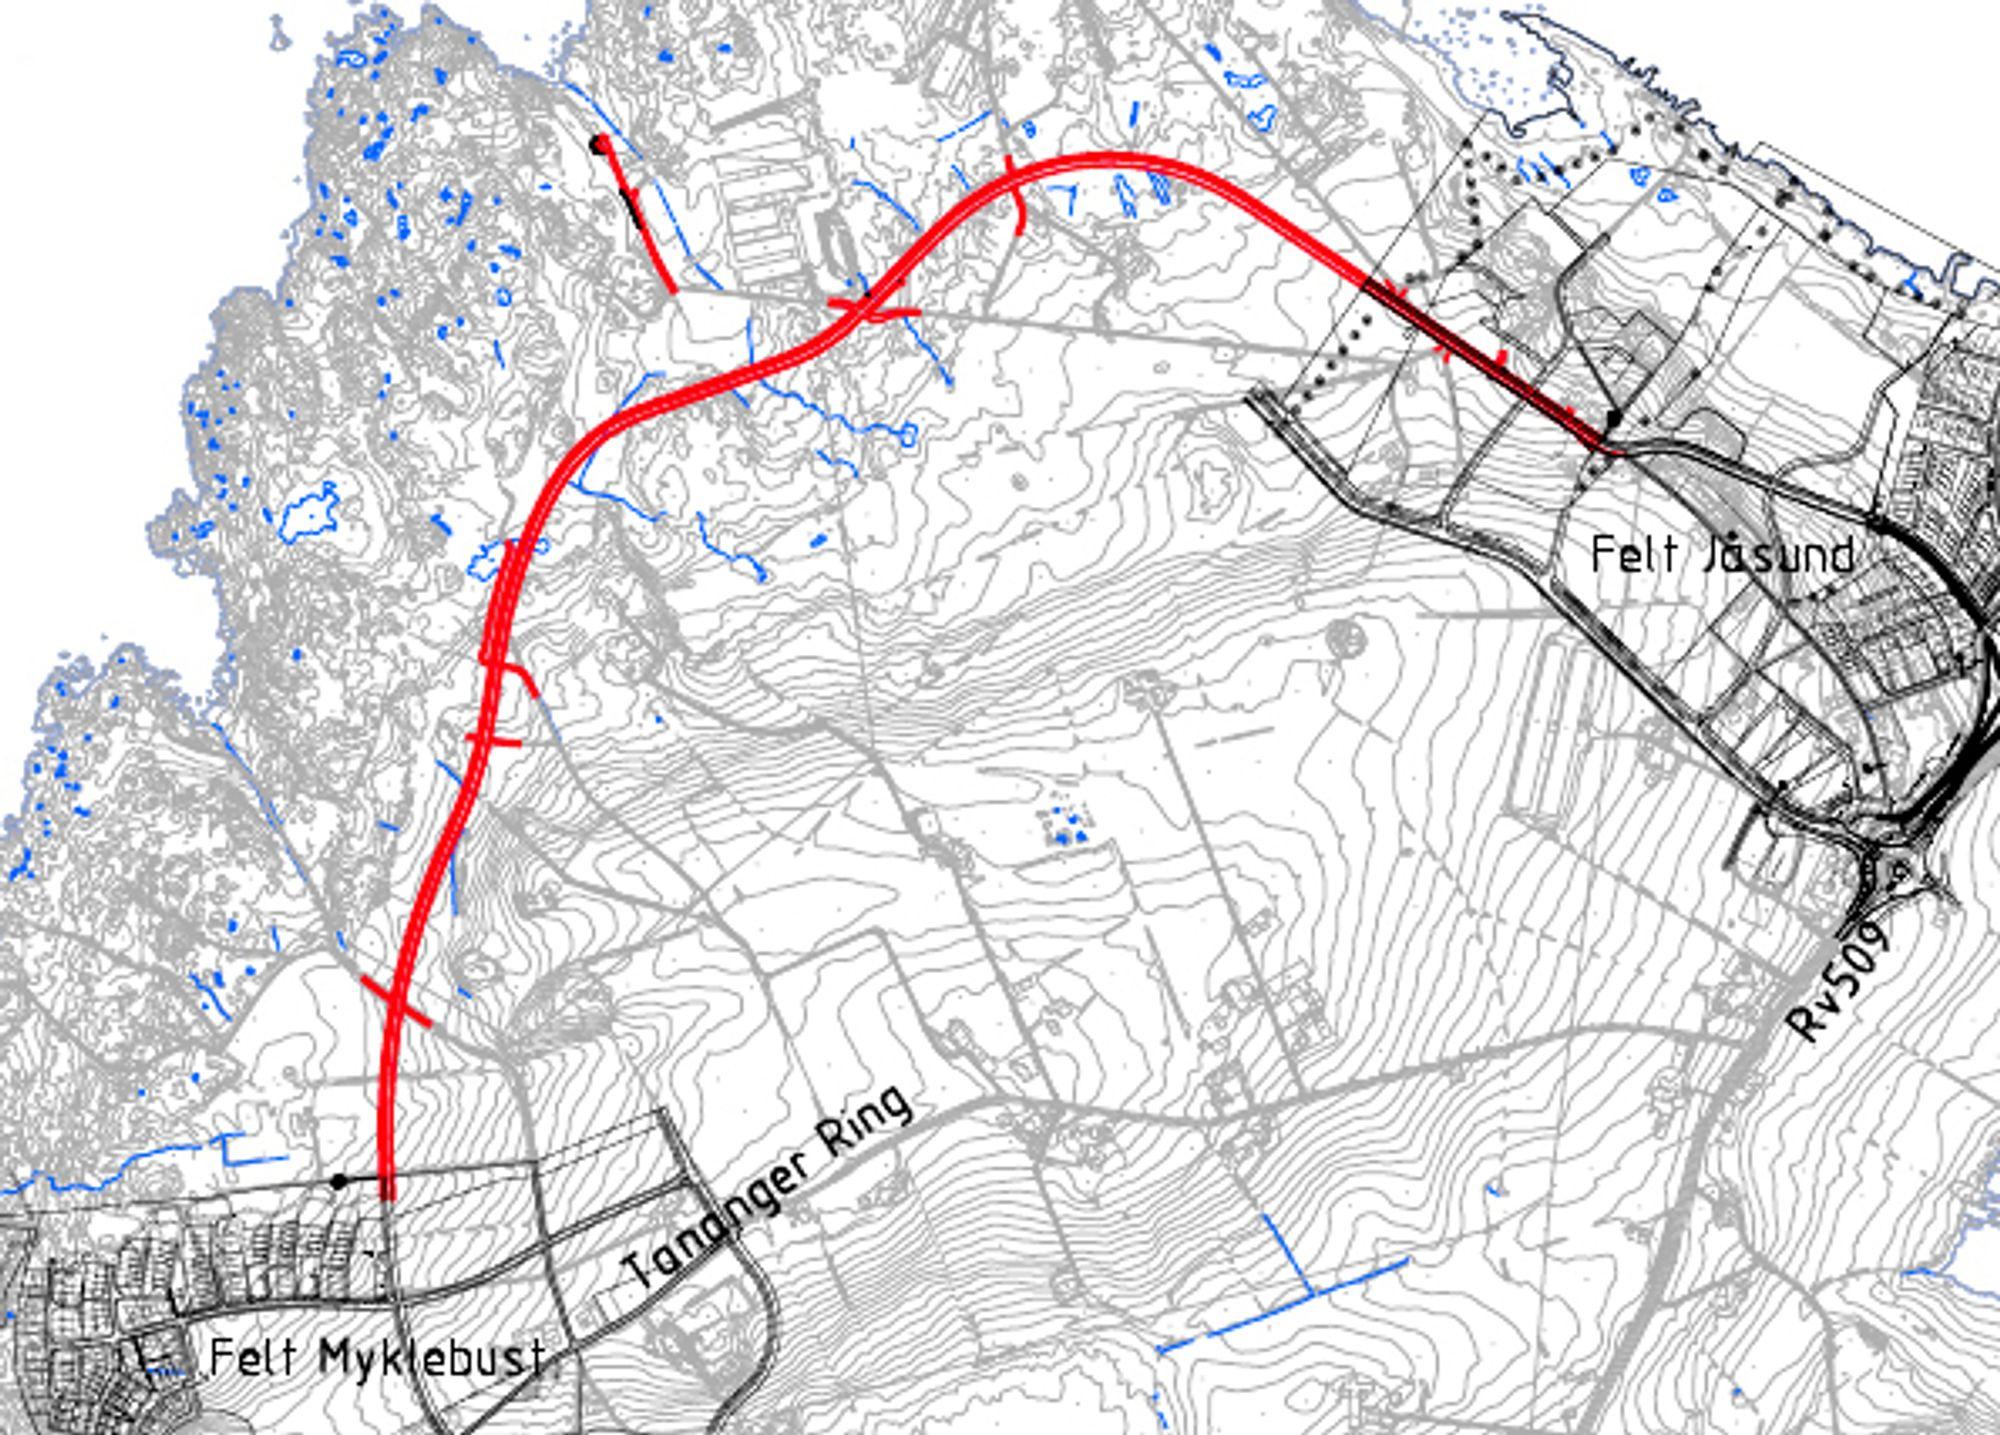 Fylkesveg 376 er markert med rødt. Vegvesenet håper at en enhetspriskontrakt vil friste noen entreprenører til å gi anbud innen 18. januar. Ill.: Statens vegvesen